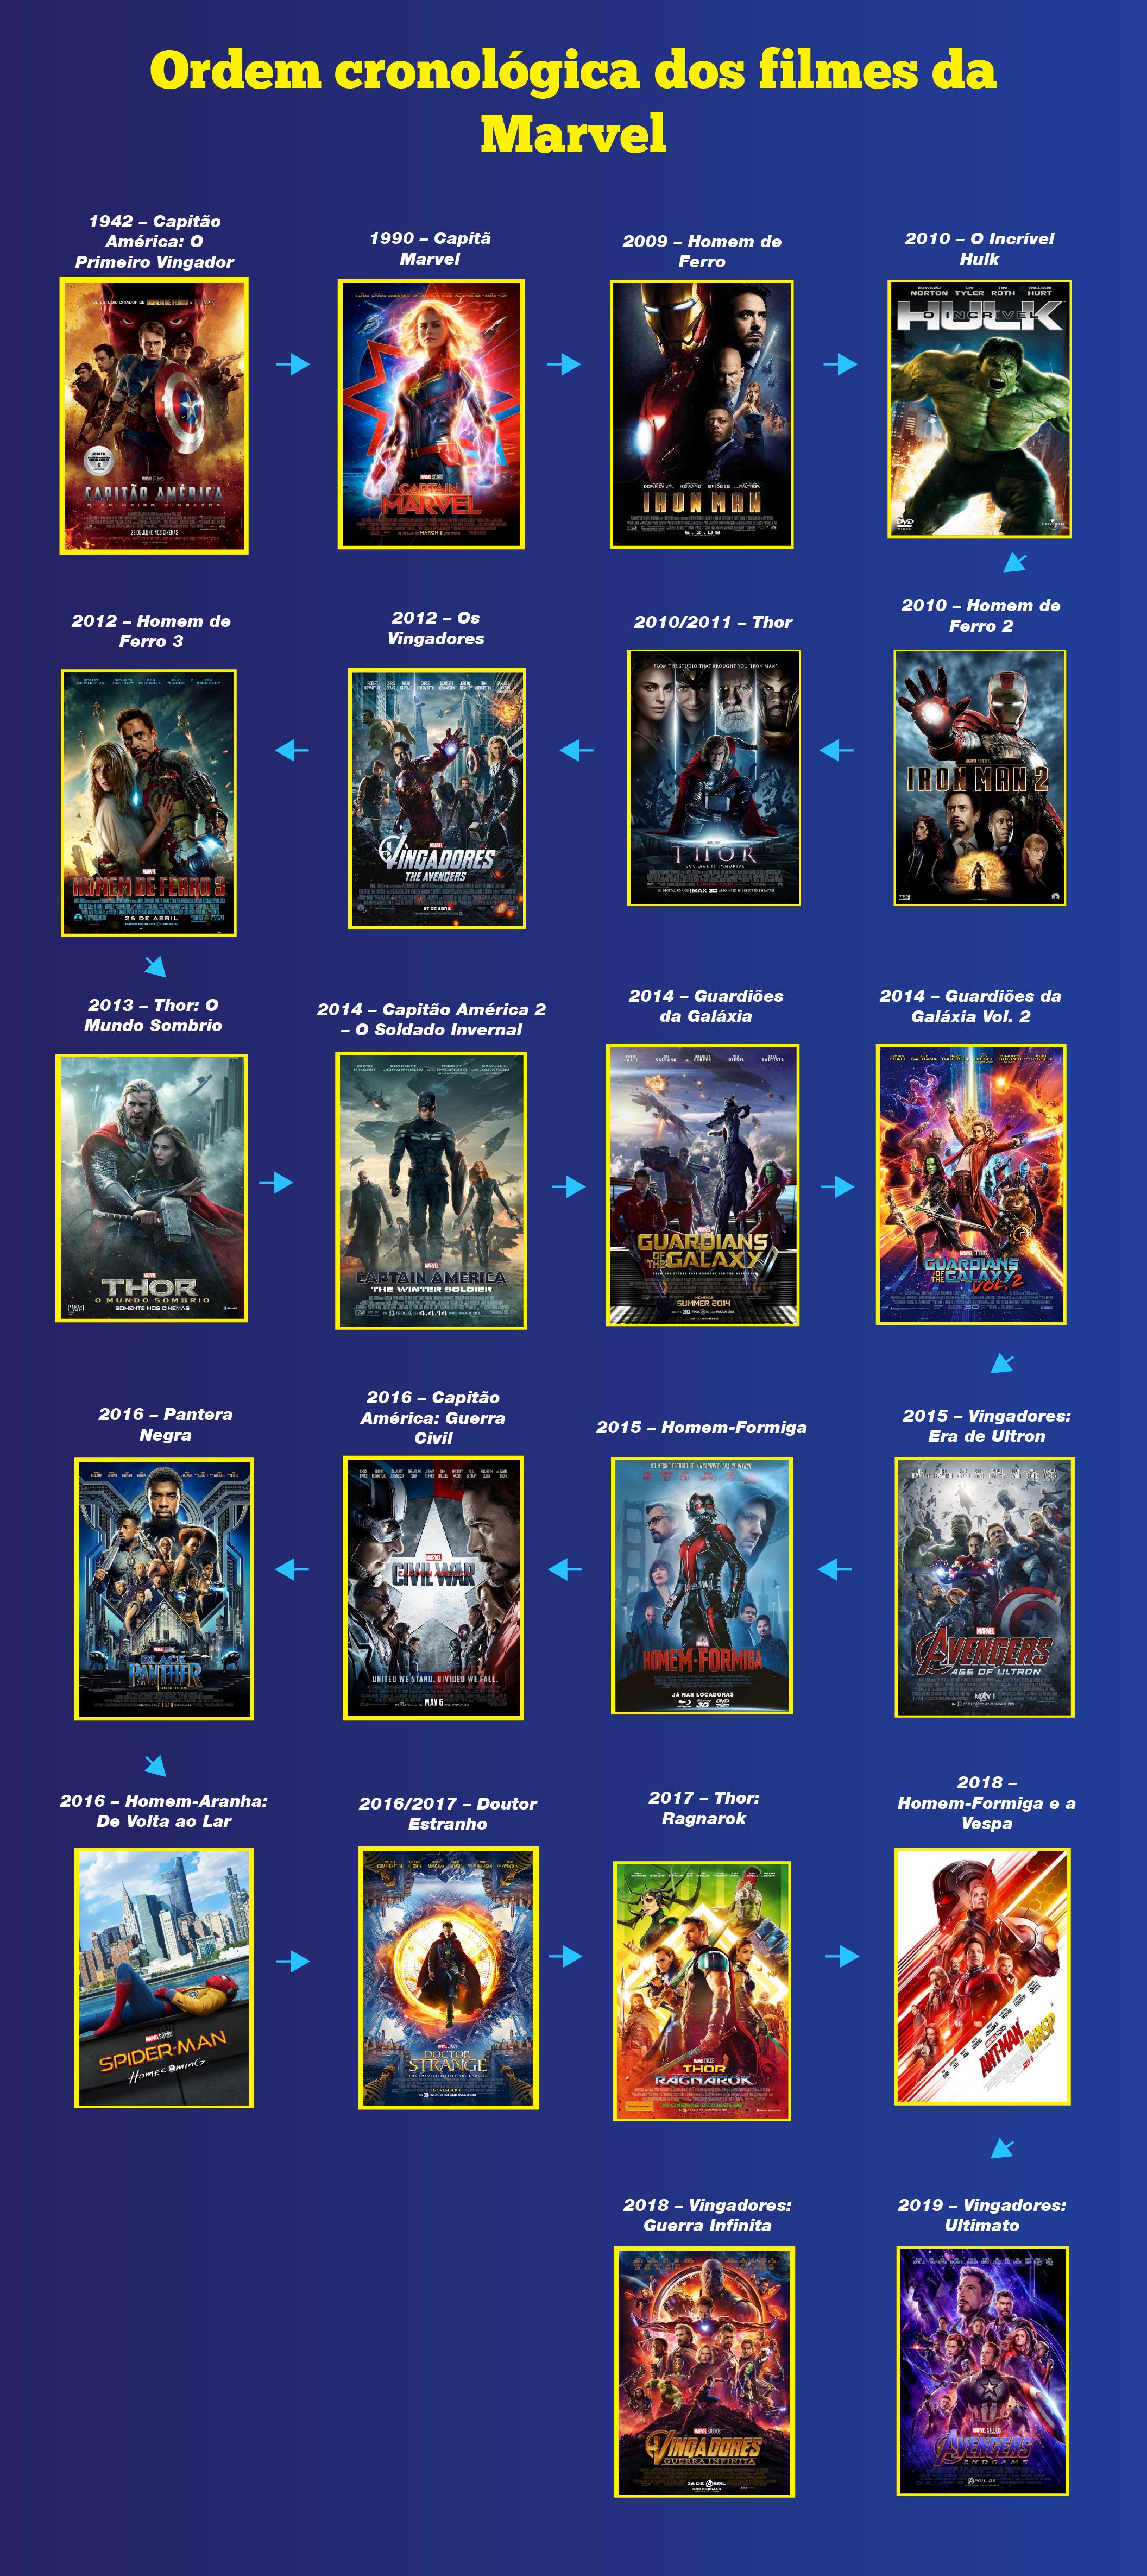 Ordem cronológica dos filmes da Marvel para (re)assistir